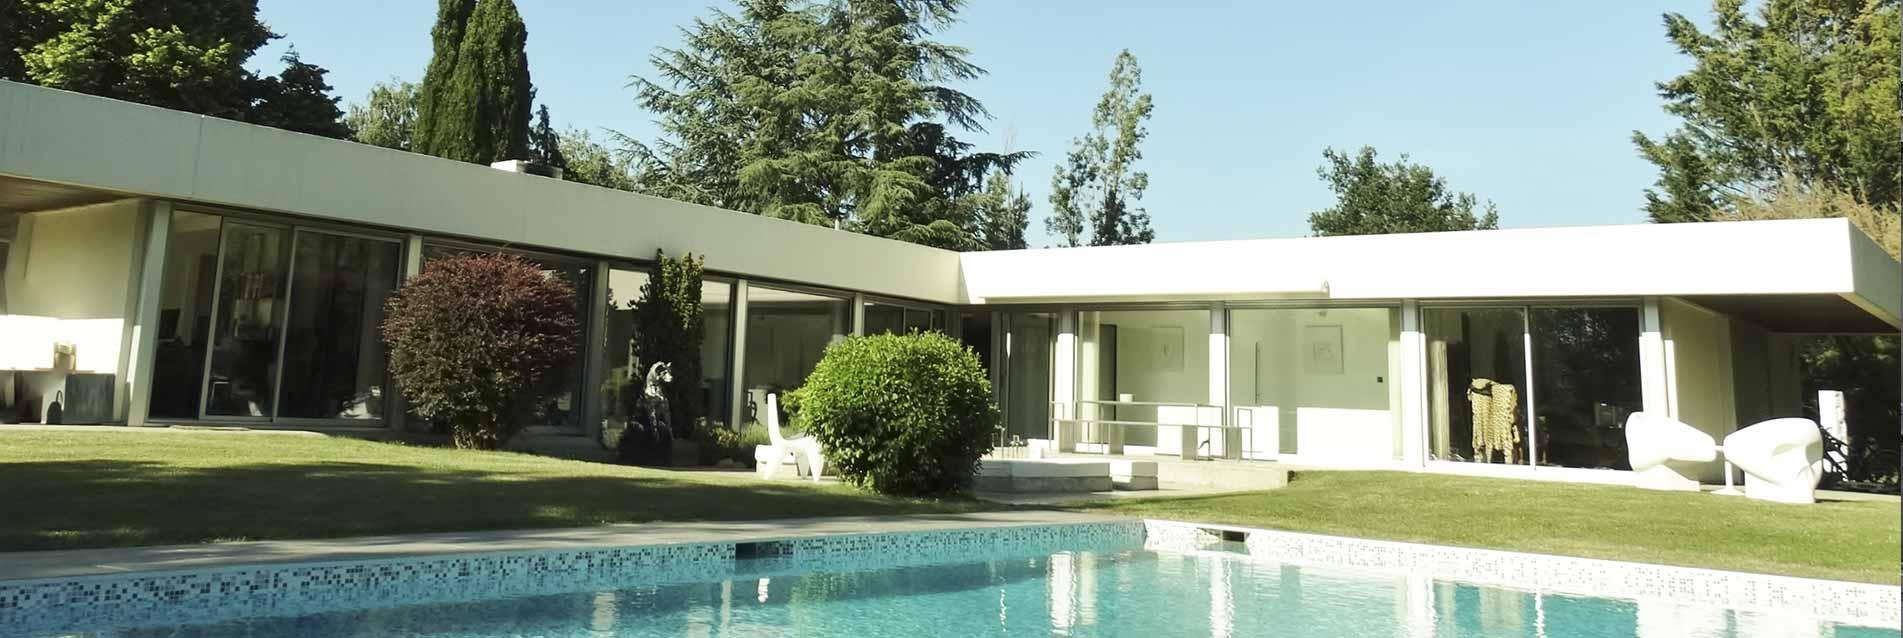 Isolation Confort - Menuiseries baies coulissantes aluminium réalisées pour la rénovation d'une villa d'architecte dans la Loire